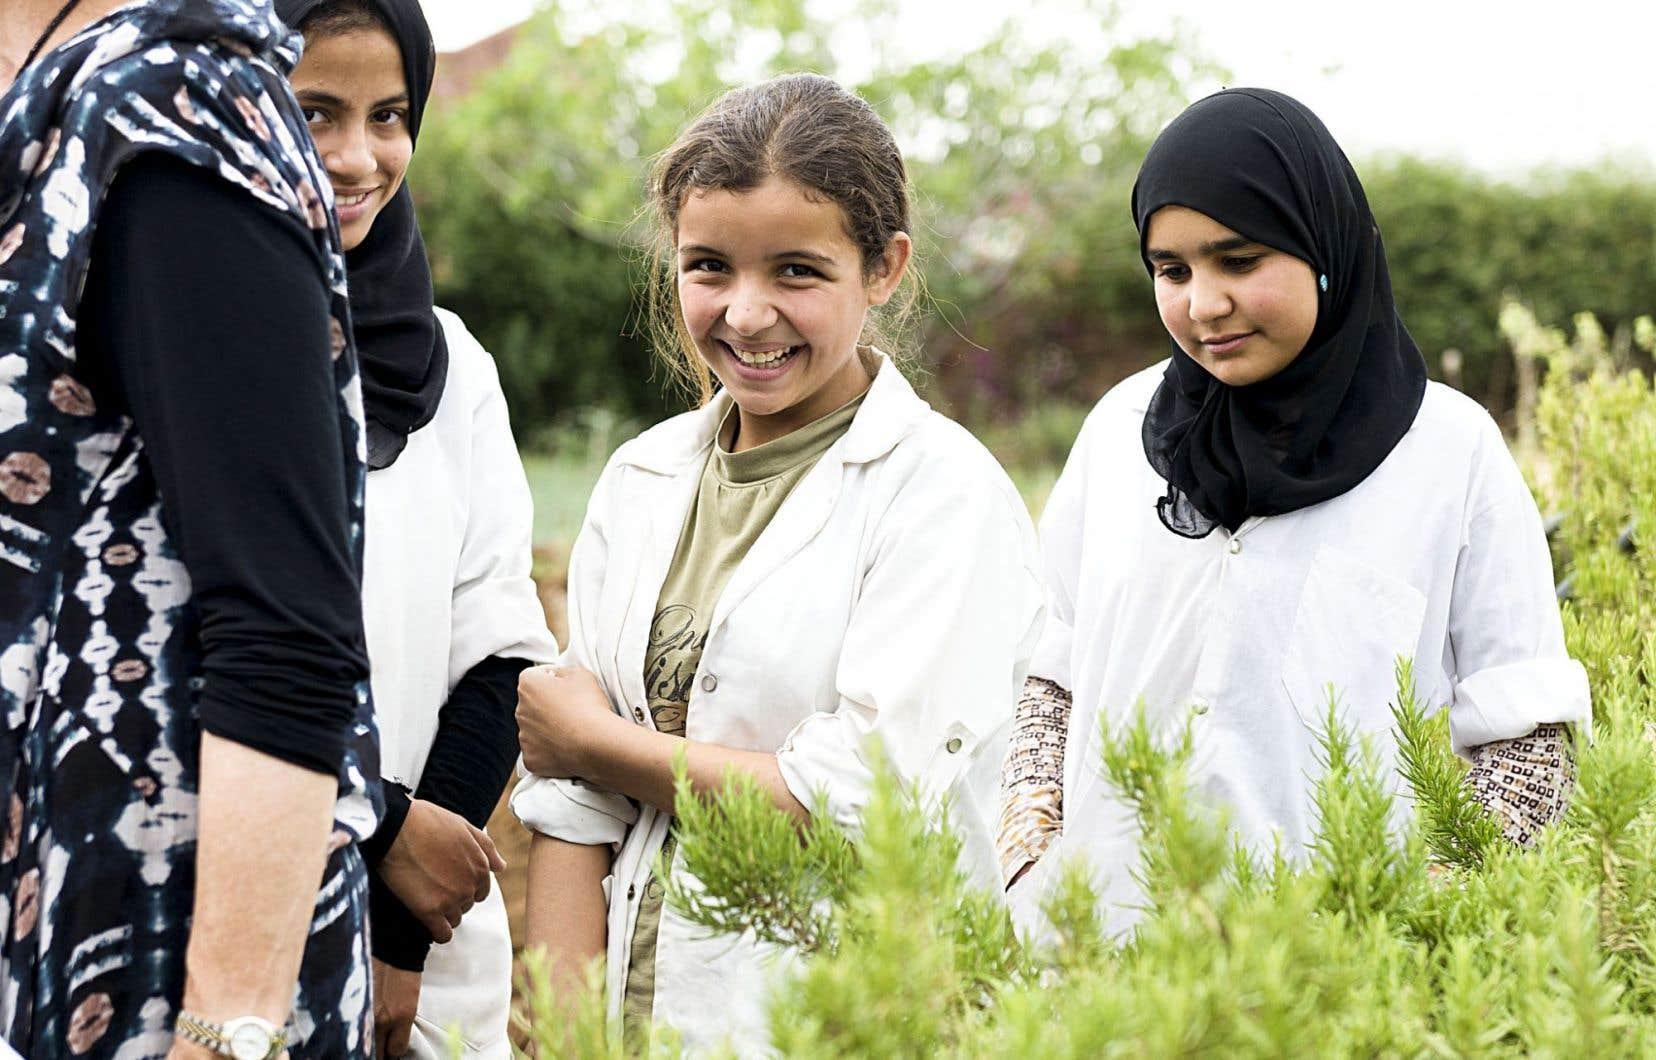 Le couvent Dar Taliba, situé au Maroc, fournit logement et éducation à des jeunes filles amazighes. Il y existait déjà un petit jardin de plantes aromatiques et Alain Cuerrier a eu le goût de pousser plus loin ce projet avec eux et de créer un jardin ethnobotanique.